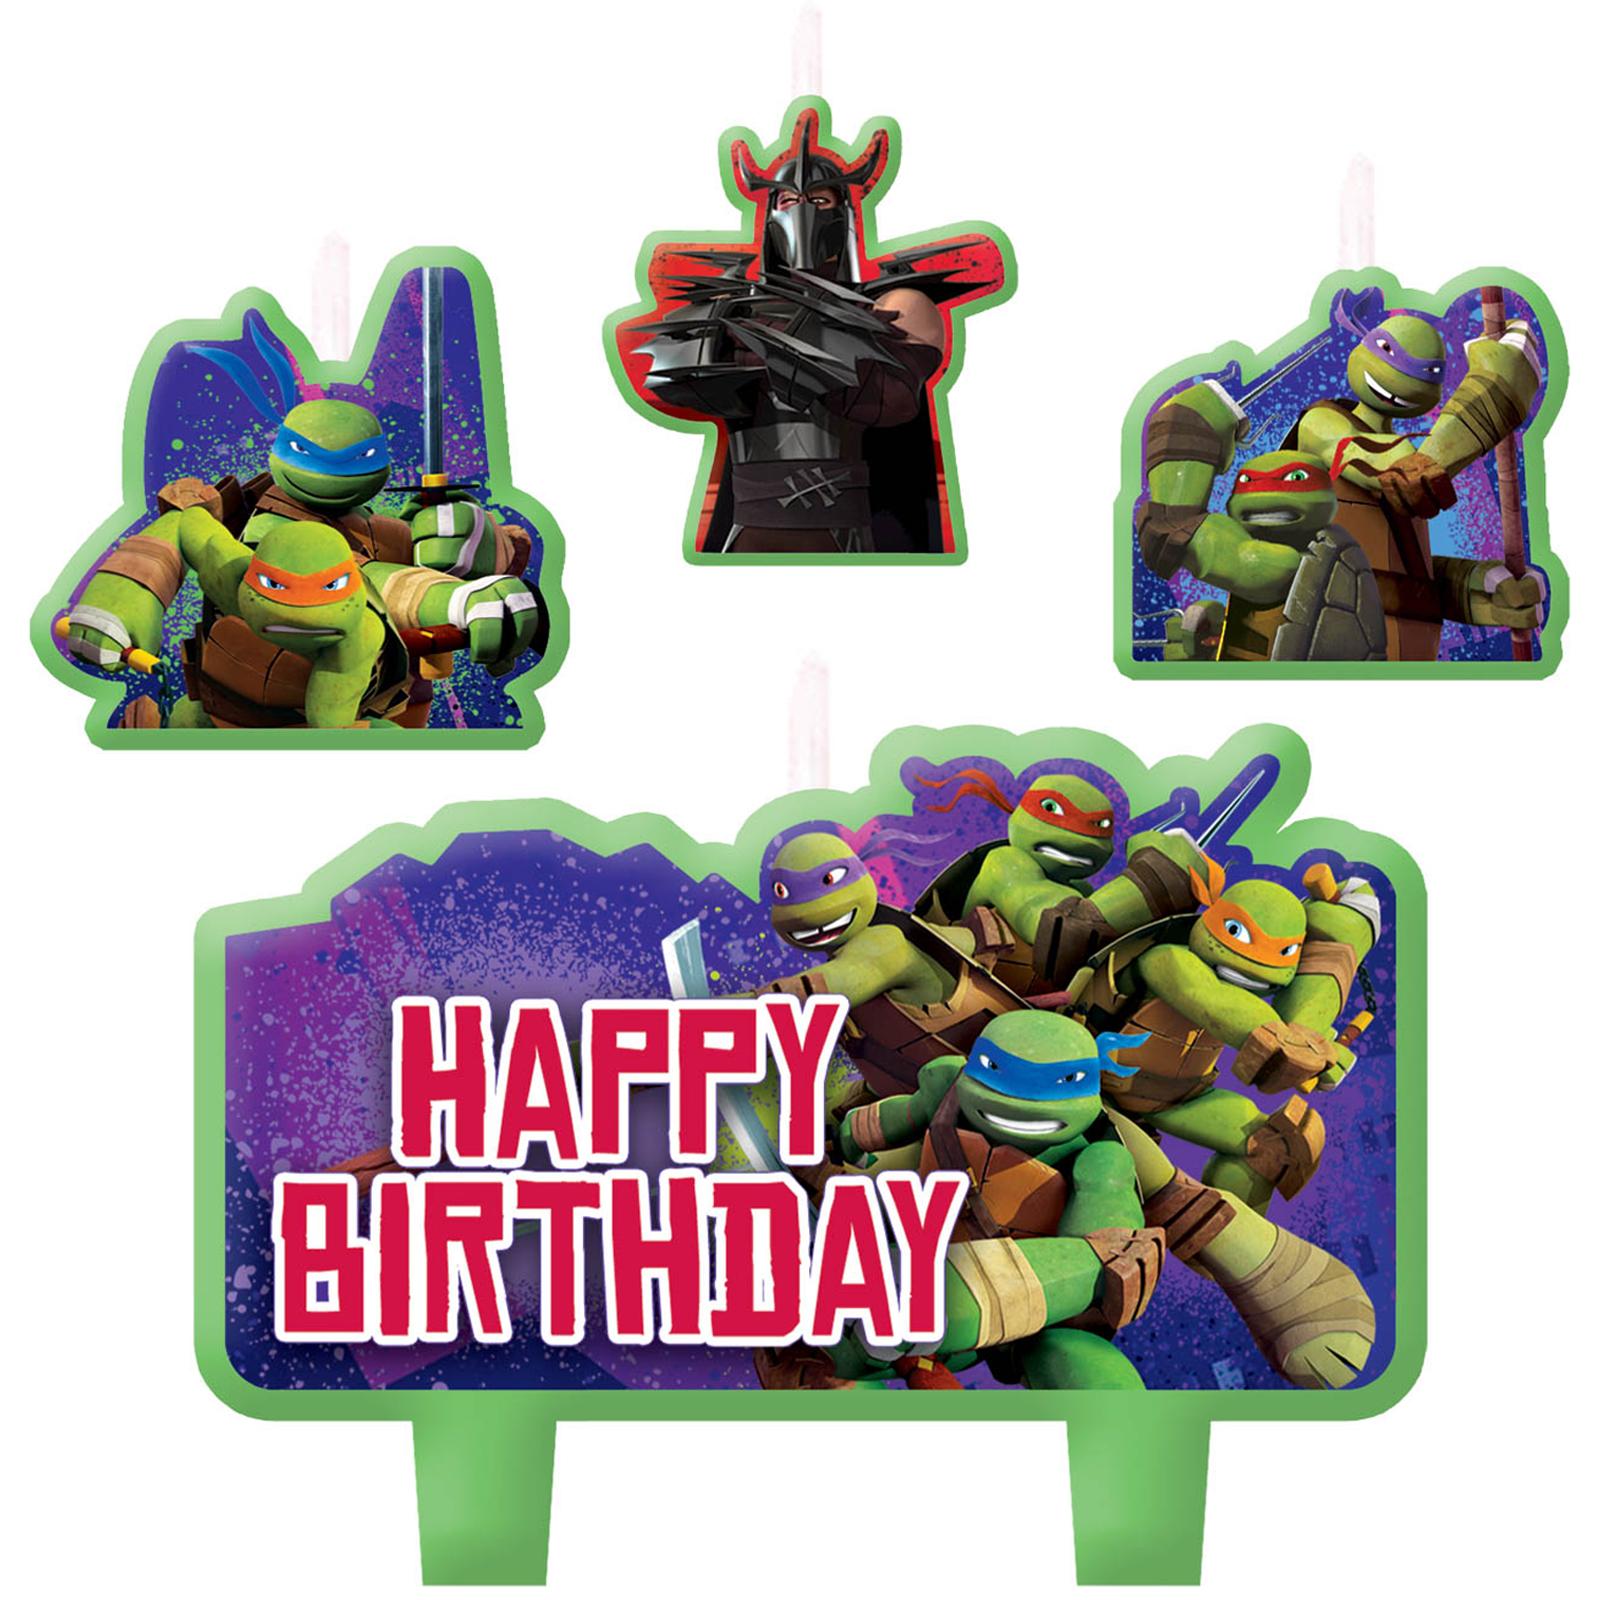 Ninja Birthday Invitations is perfect invitations template